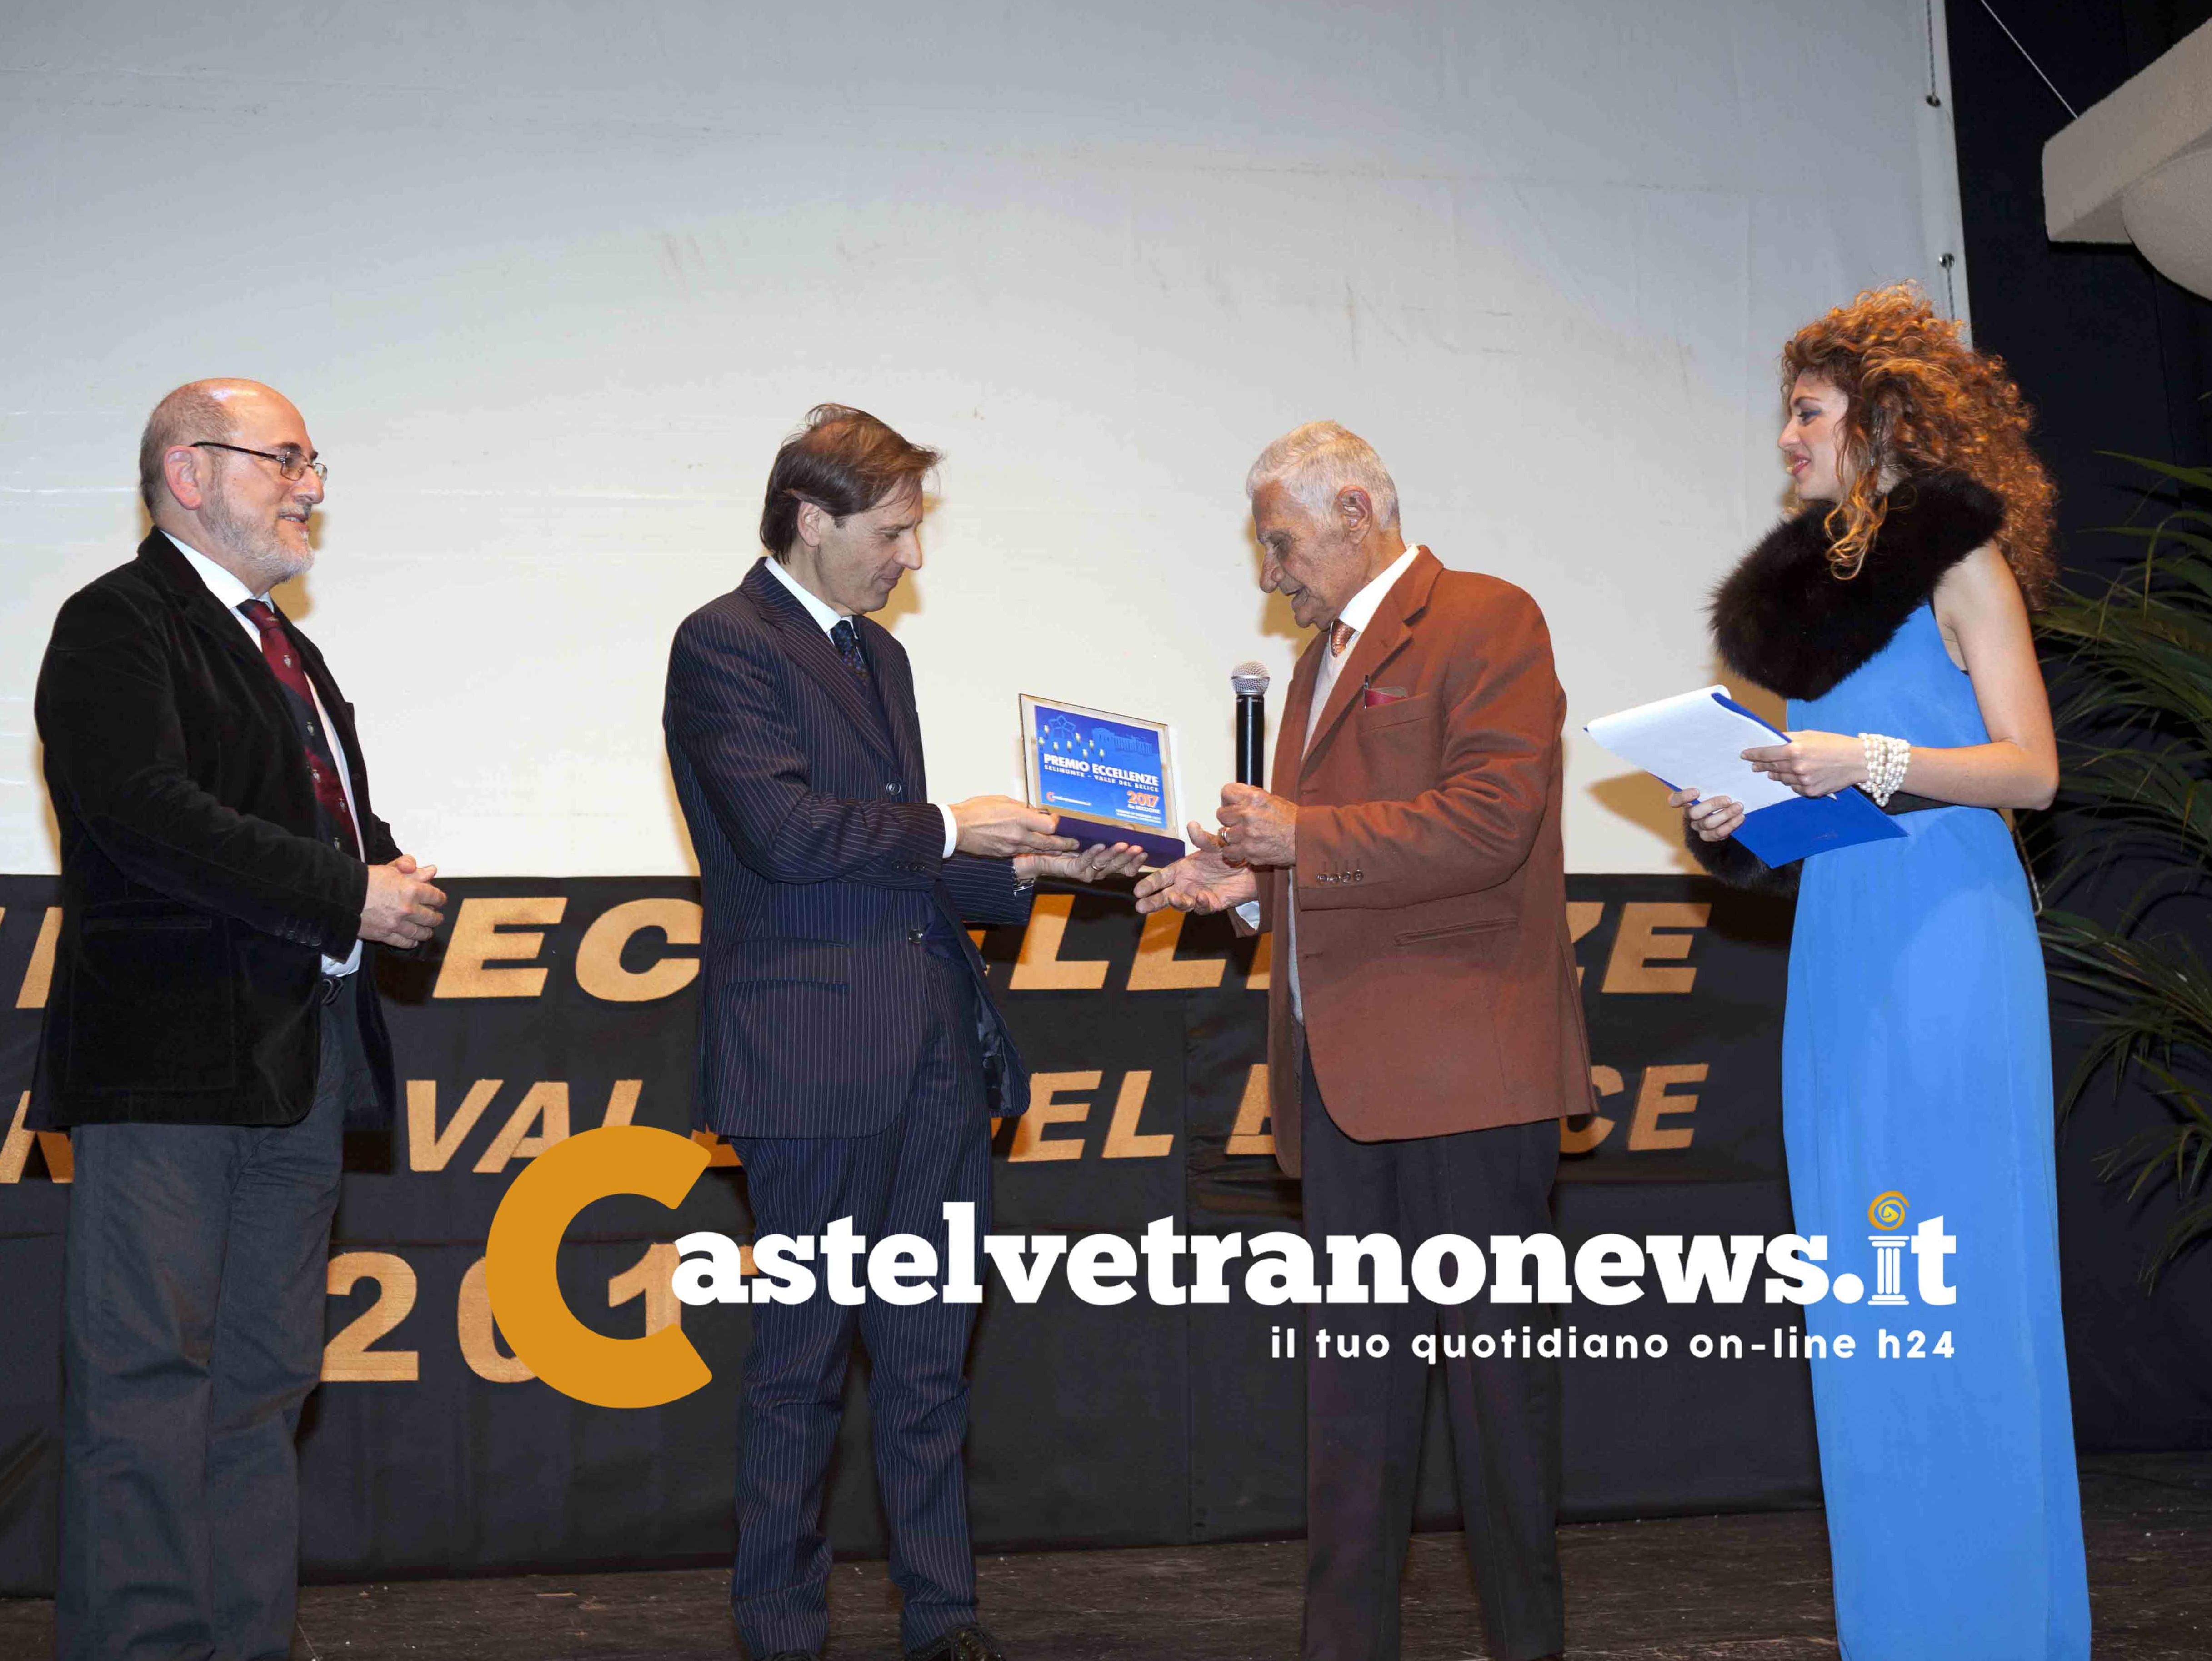 la consegna del Premio Eccellenze 2017 a Baldo Ingoglia da parte di Settimo Marineo e del Commissario Dott. Caccamo